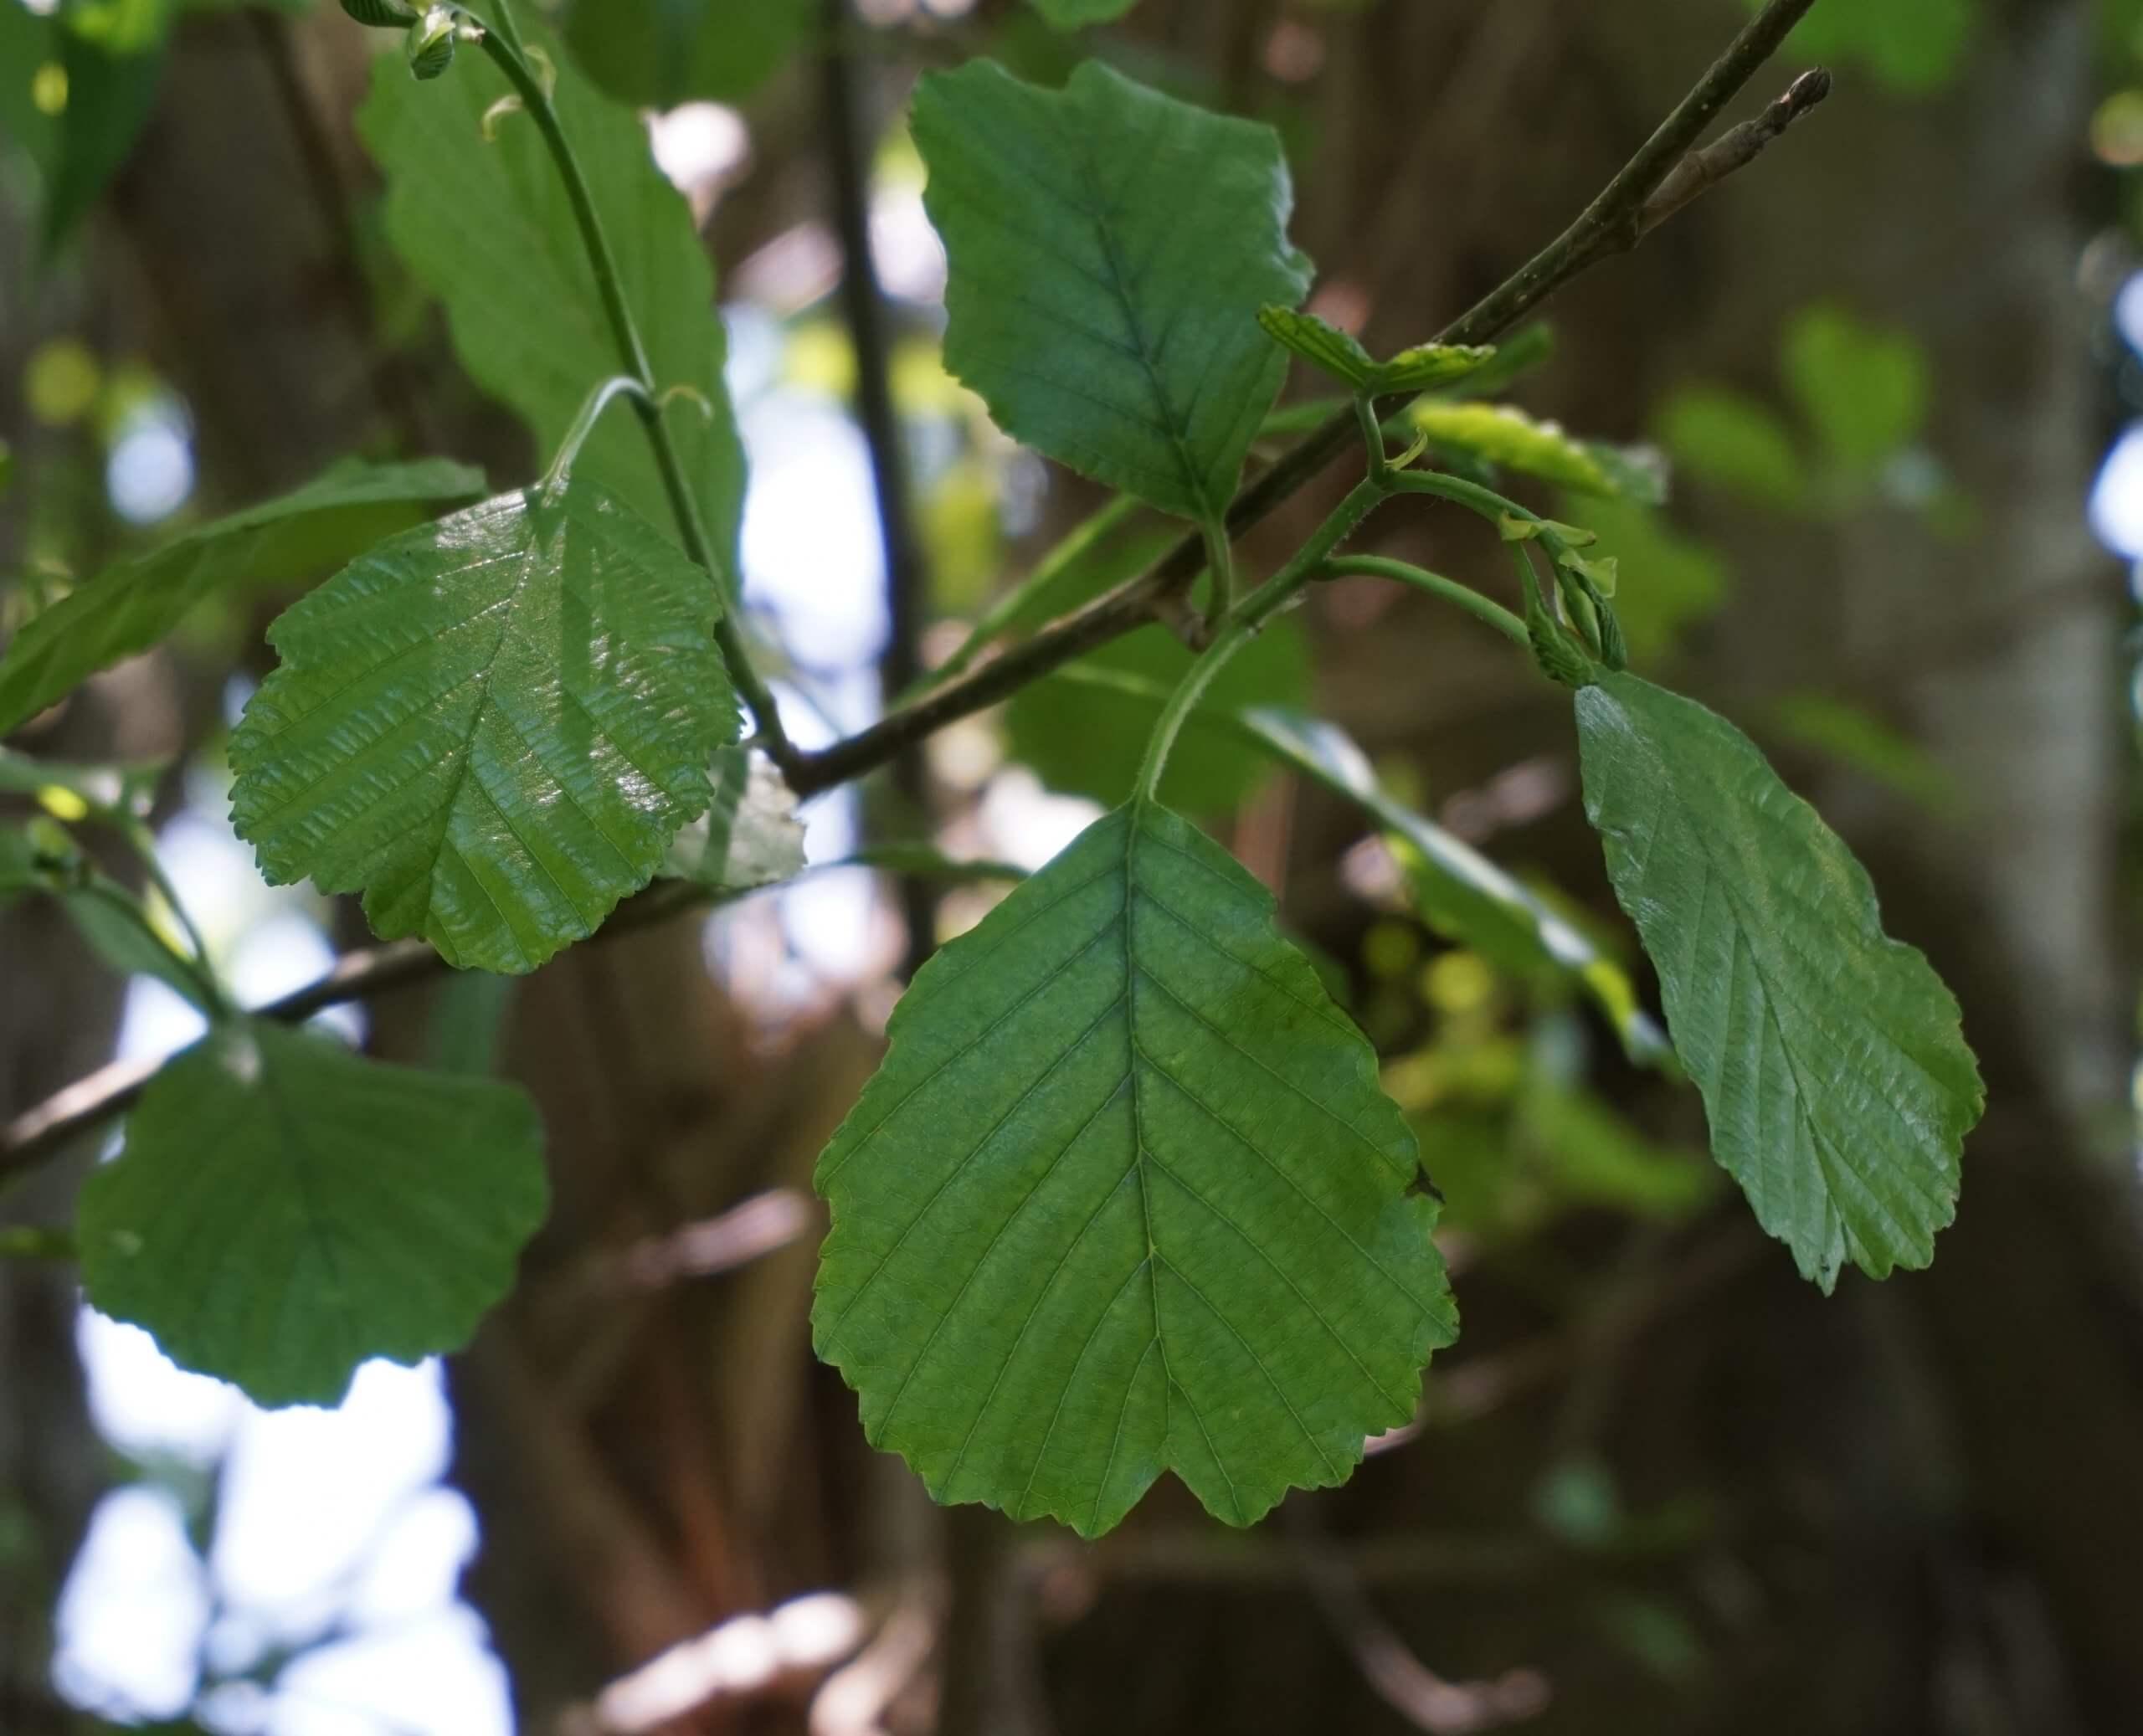 Das Bild zeigt einen die Schwarz-Erle kennzeichnenden Blatttyp mit einer Einkerbung am Blatt-Ende, was das Blatt herzförmig erscheinen lässt.